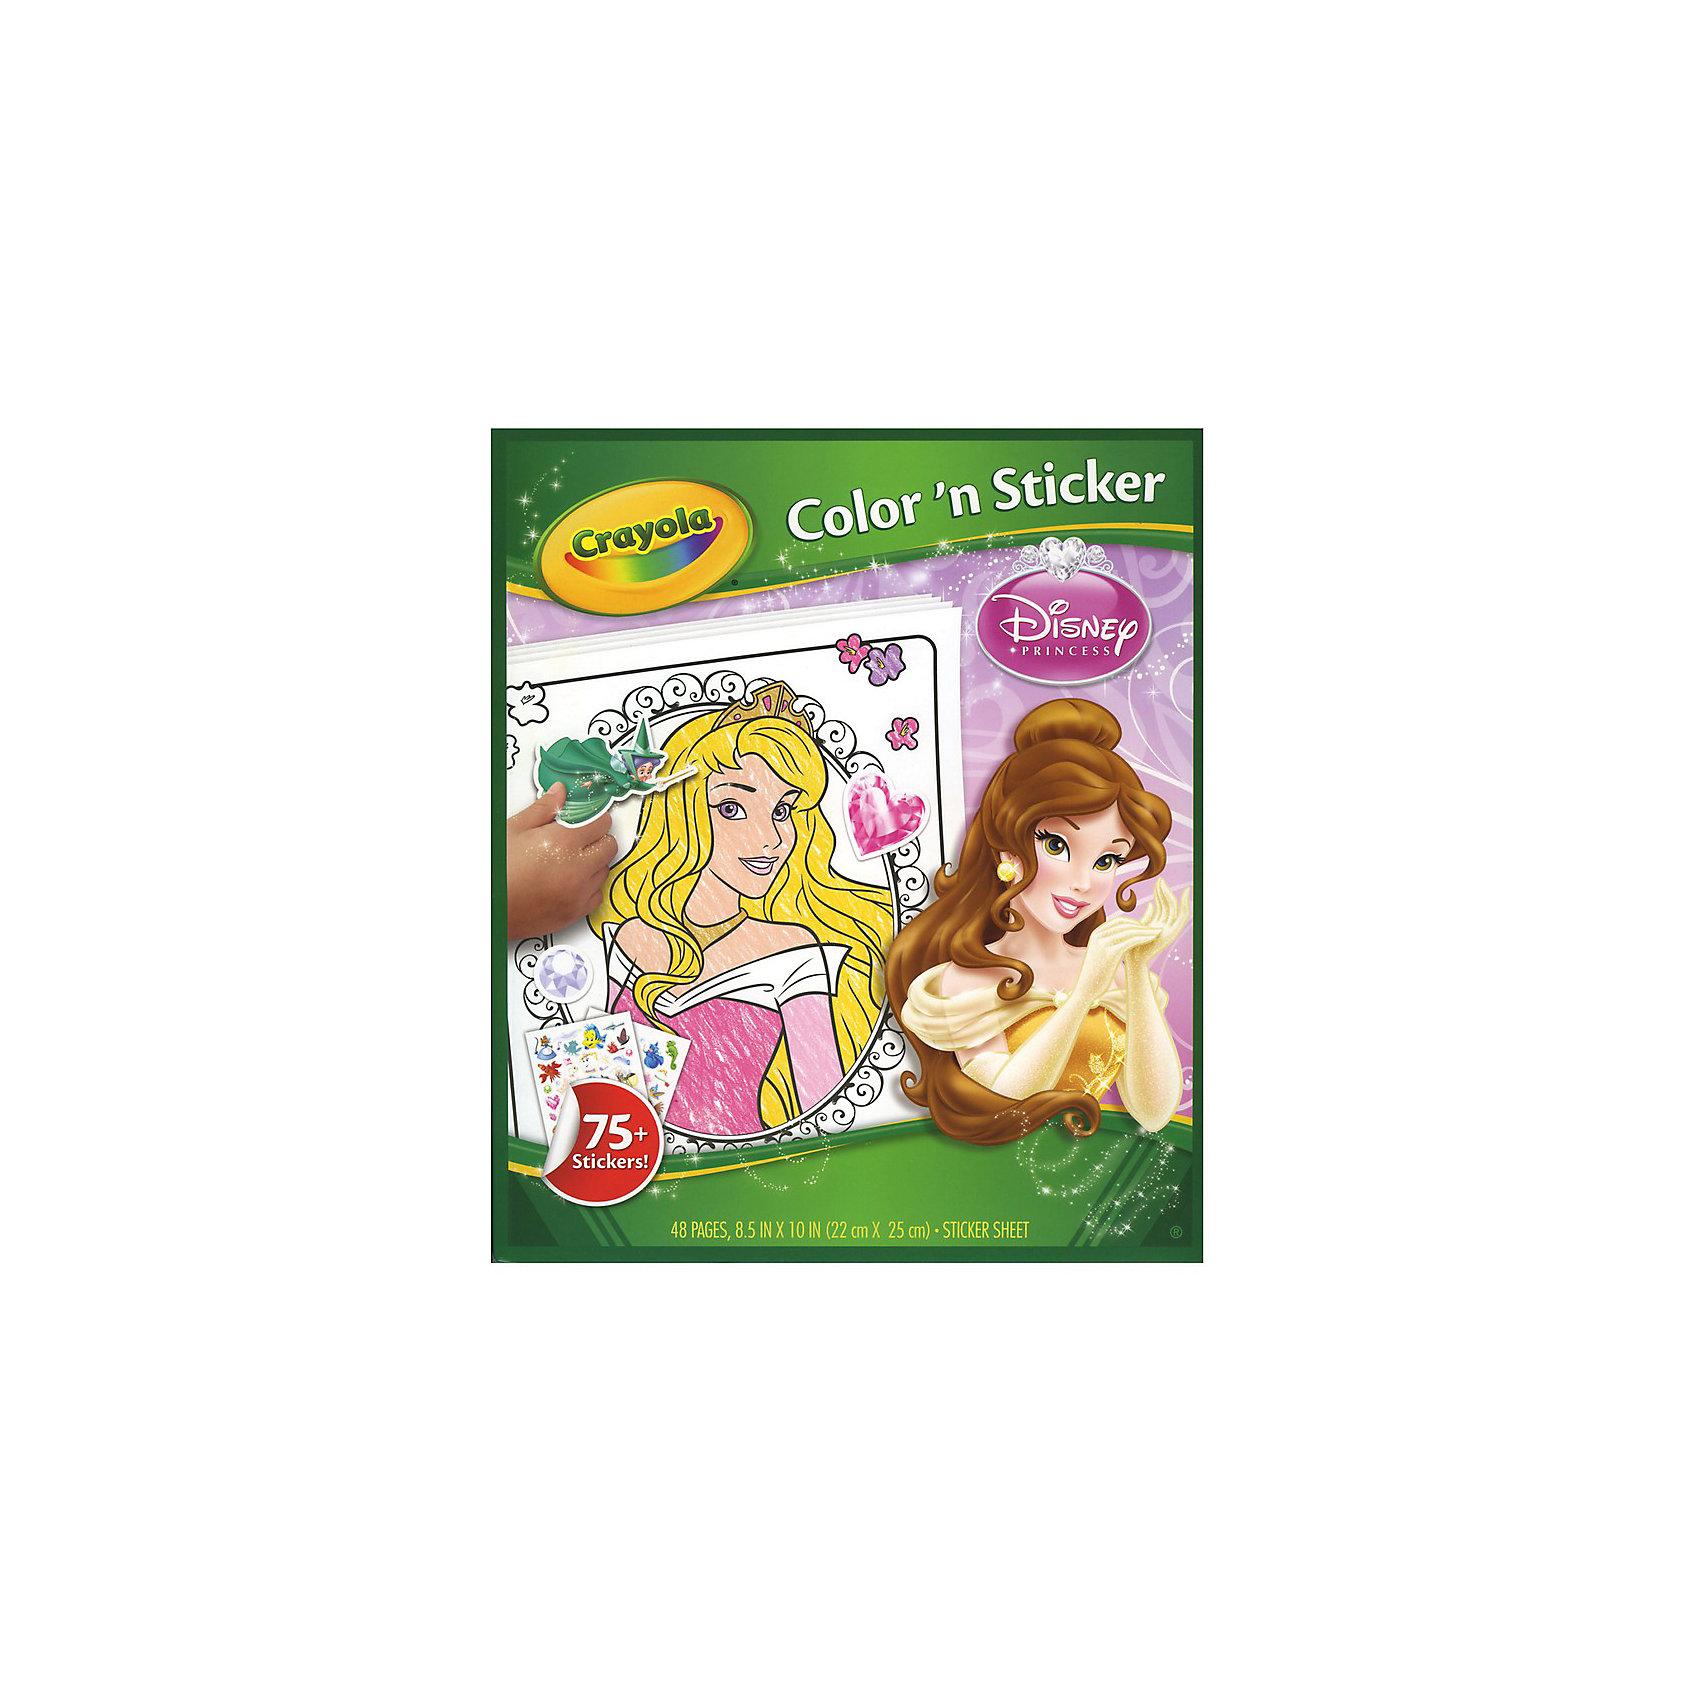 Раскраска с наклейками ПринцессыБольшая раскраска с Принцессами Дисней от американского бренда Crayola – лучший подарок для любой девочки! На многочисленных страницах этой суперкнижки вас ждут картинки со сценами из жизни Золушки, Рапунцель, Белль, Спящей красавицы и других героинь любимых мультфильмов. <br><br>Раскрашивайте изображения и украшайте их изящными стикерами в стиле Disney, которые так же входят в комплект с раскраской. <br><br>Дополнительная информация:<br><br>В наборе: раскраска (48 листов), листы со стикерами (более 75 штук). <br>Размеры упаковки: 27х21,6х0,5 см. <br><br>Раскраску с наклейками Принцессы можно купить в нашем магазине.<br><br>Ширина мм: 269<br>Глубина мм: 216<br>Высота мм: 5<br>Вес г: 182<br>Возраст от месяцев: 36<br>Возраст до месяцев: 144<br>Пол: Женский<br>Возраст: Детский<br>SKU: 4666933